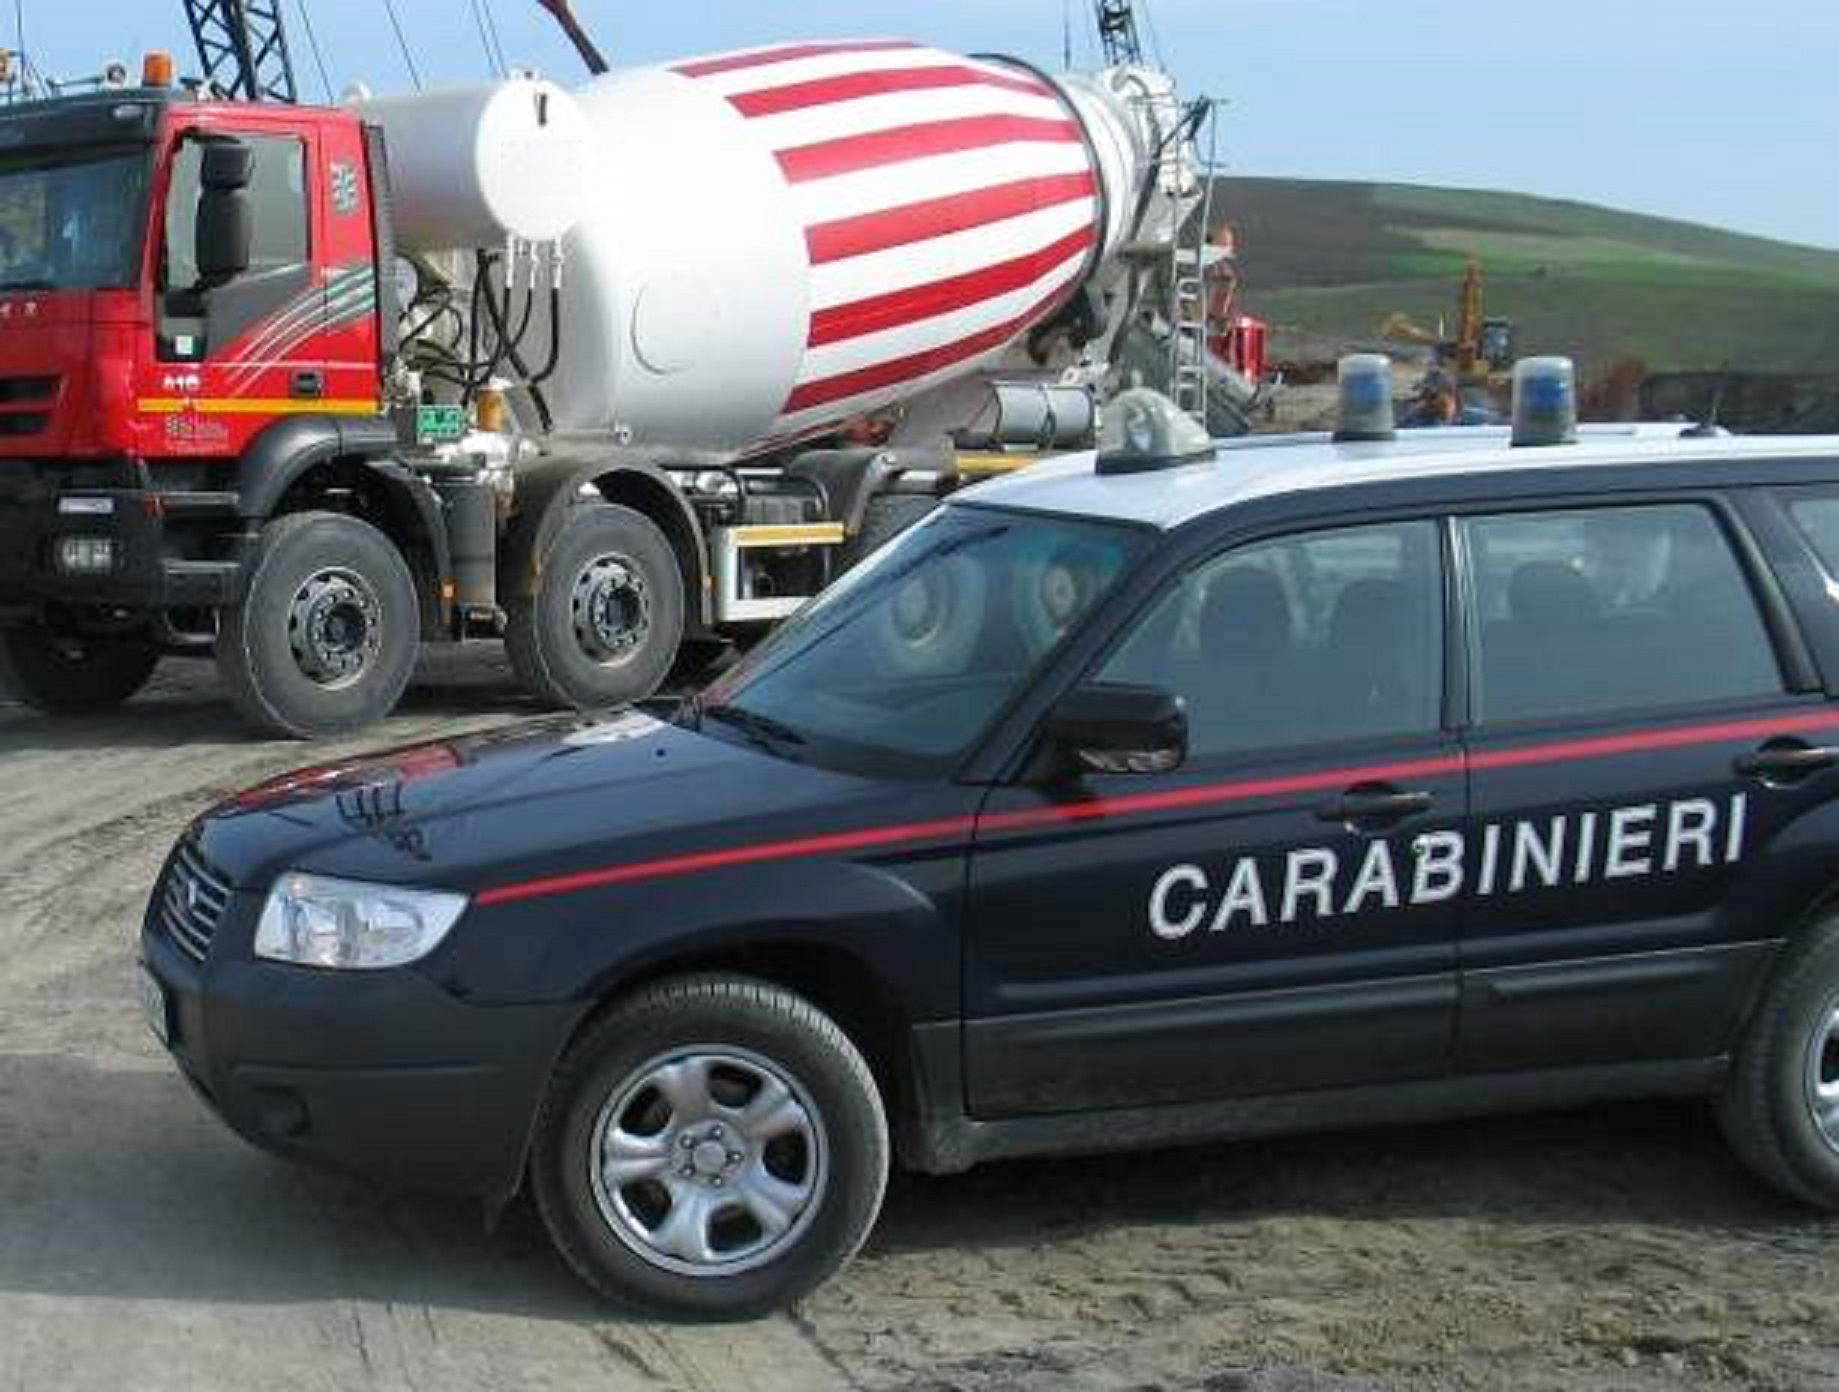 Avellino, sfruttamento e lavoro nero nei cantieri, blitz dei carabinieri: denunciati 11 imprenditori